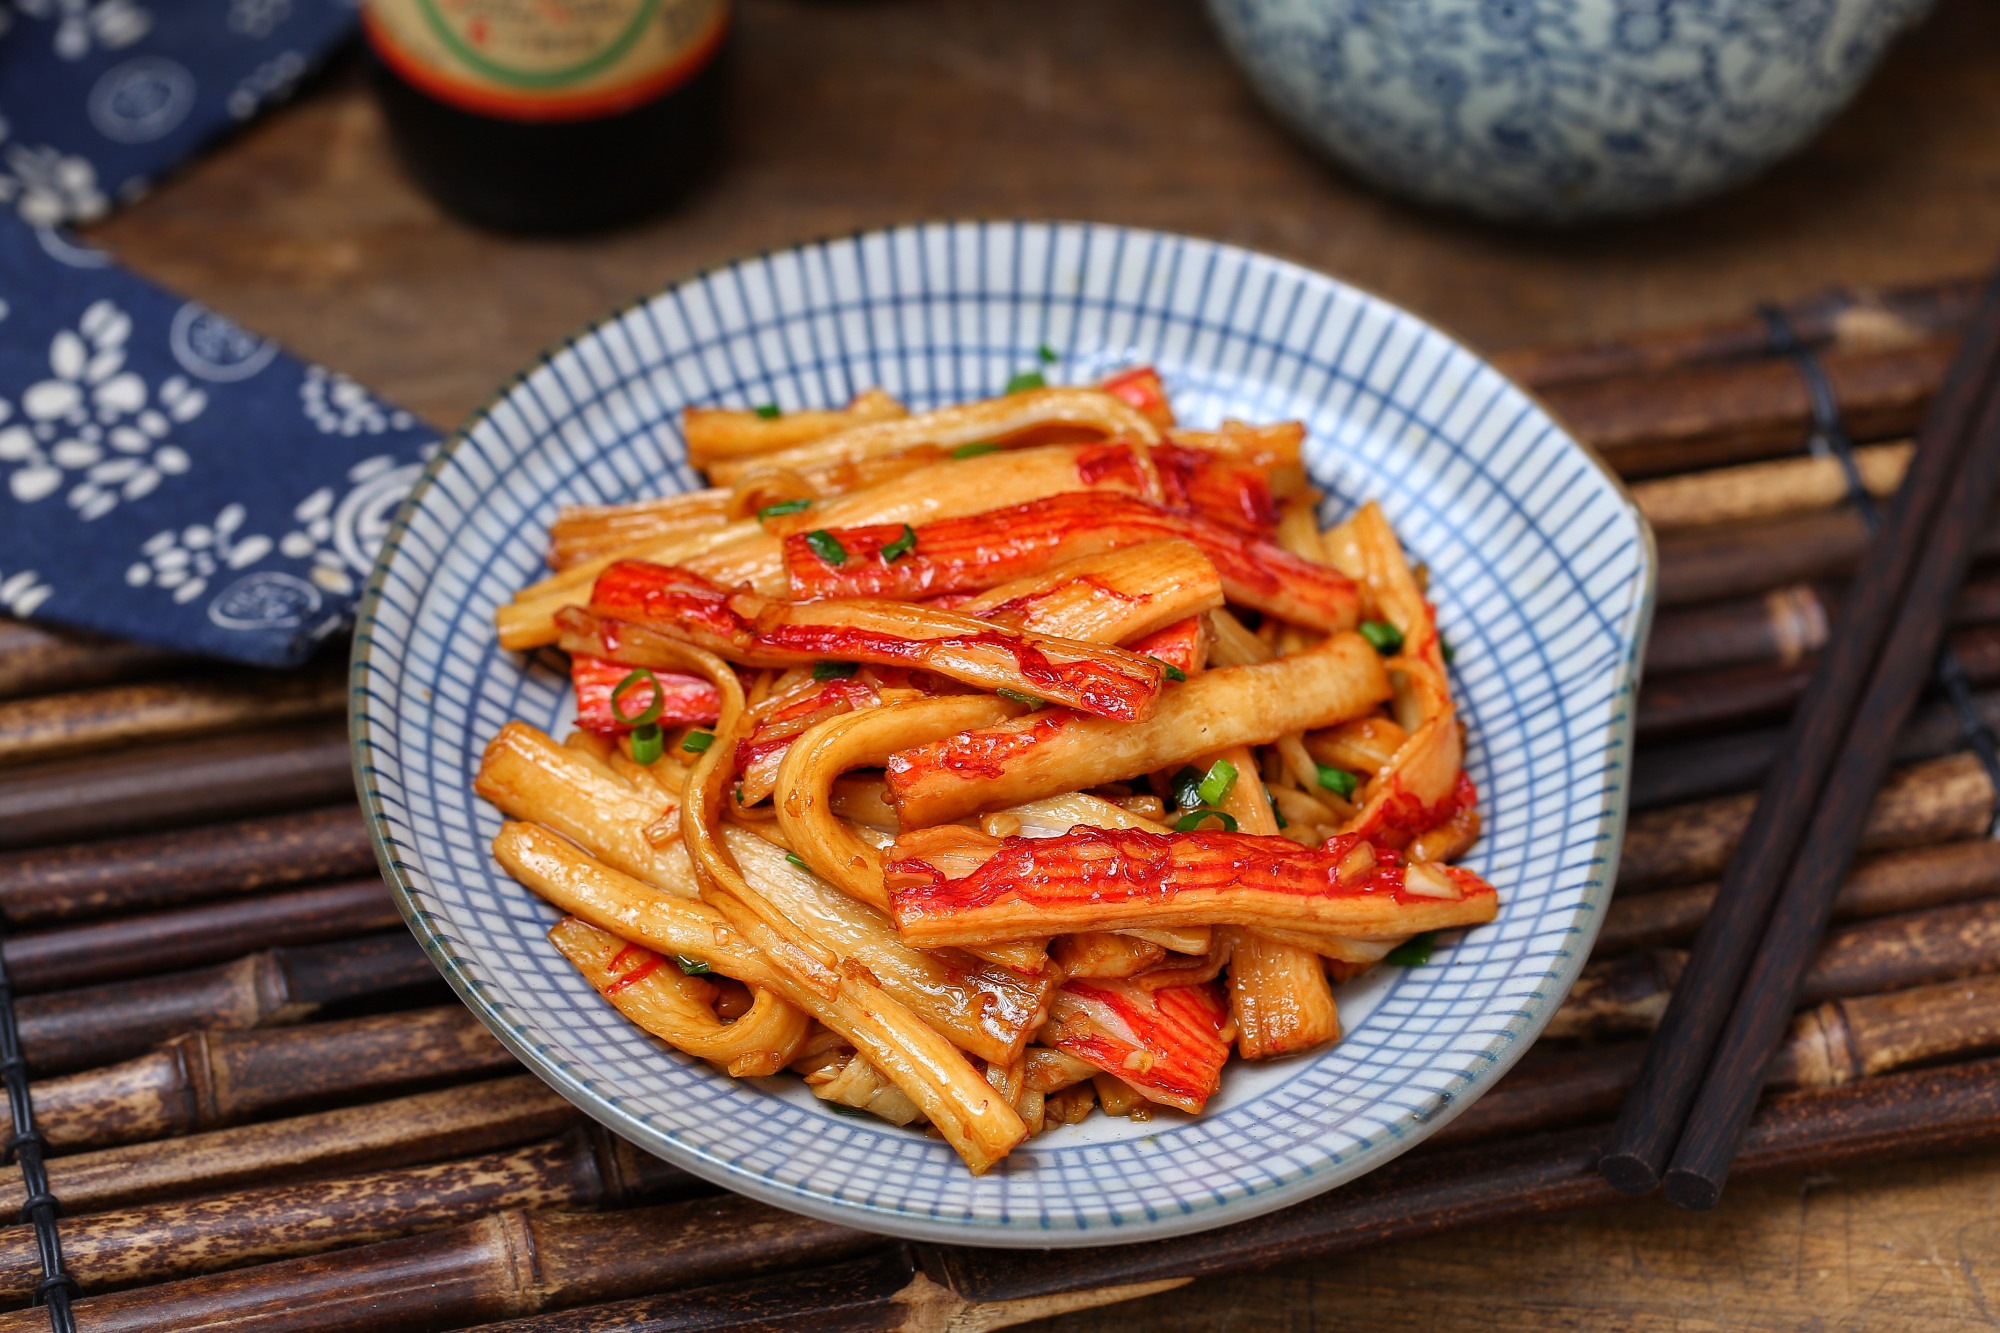 简单快手下饭菜,五分钟出锅毫无难度,口感鲜美嫩滑就是太费米饭 美食做法 第11张